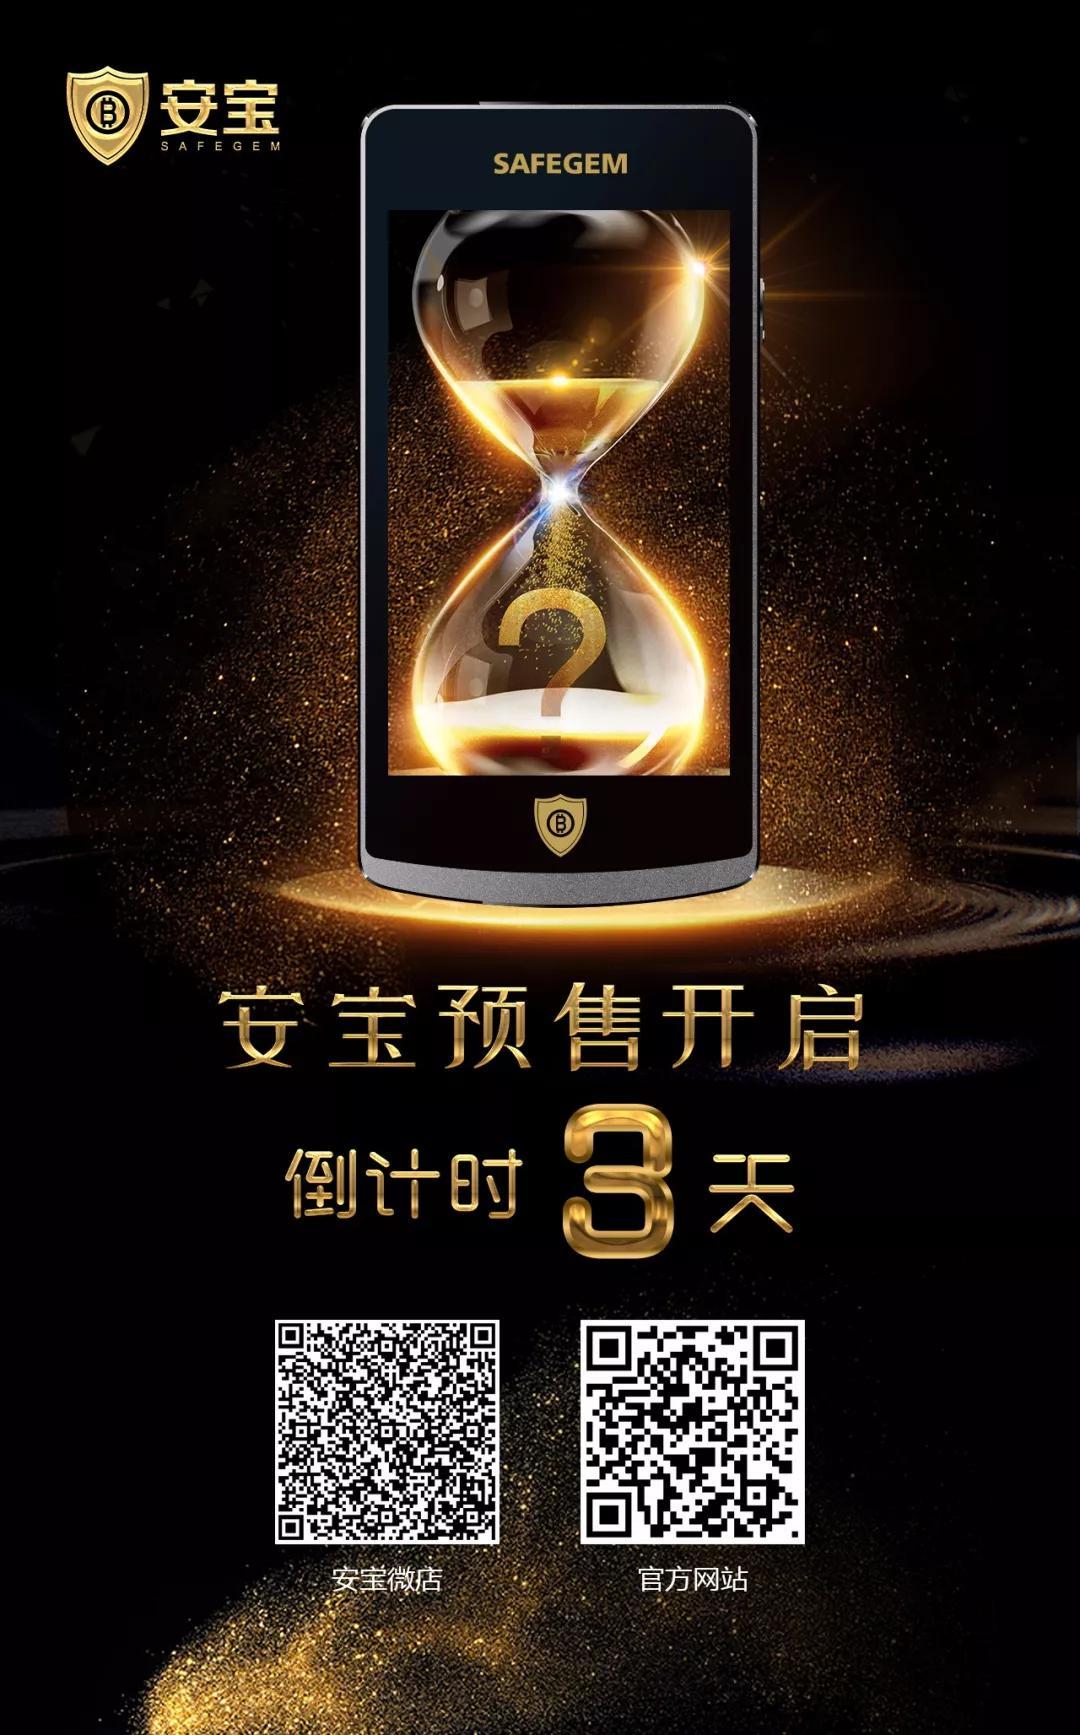 """00台!硬件钱包黑科技安宝将于11月1日开启预售"""""""